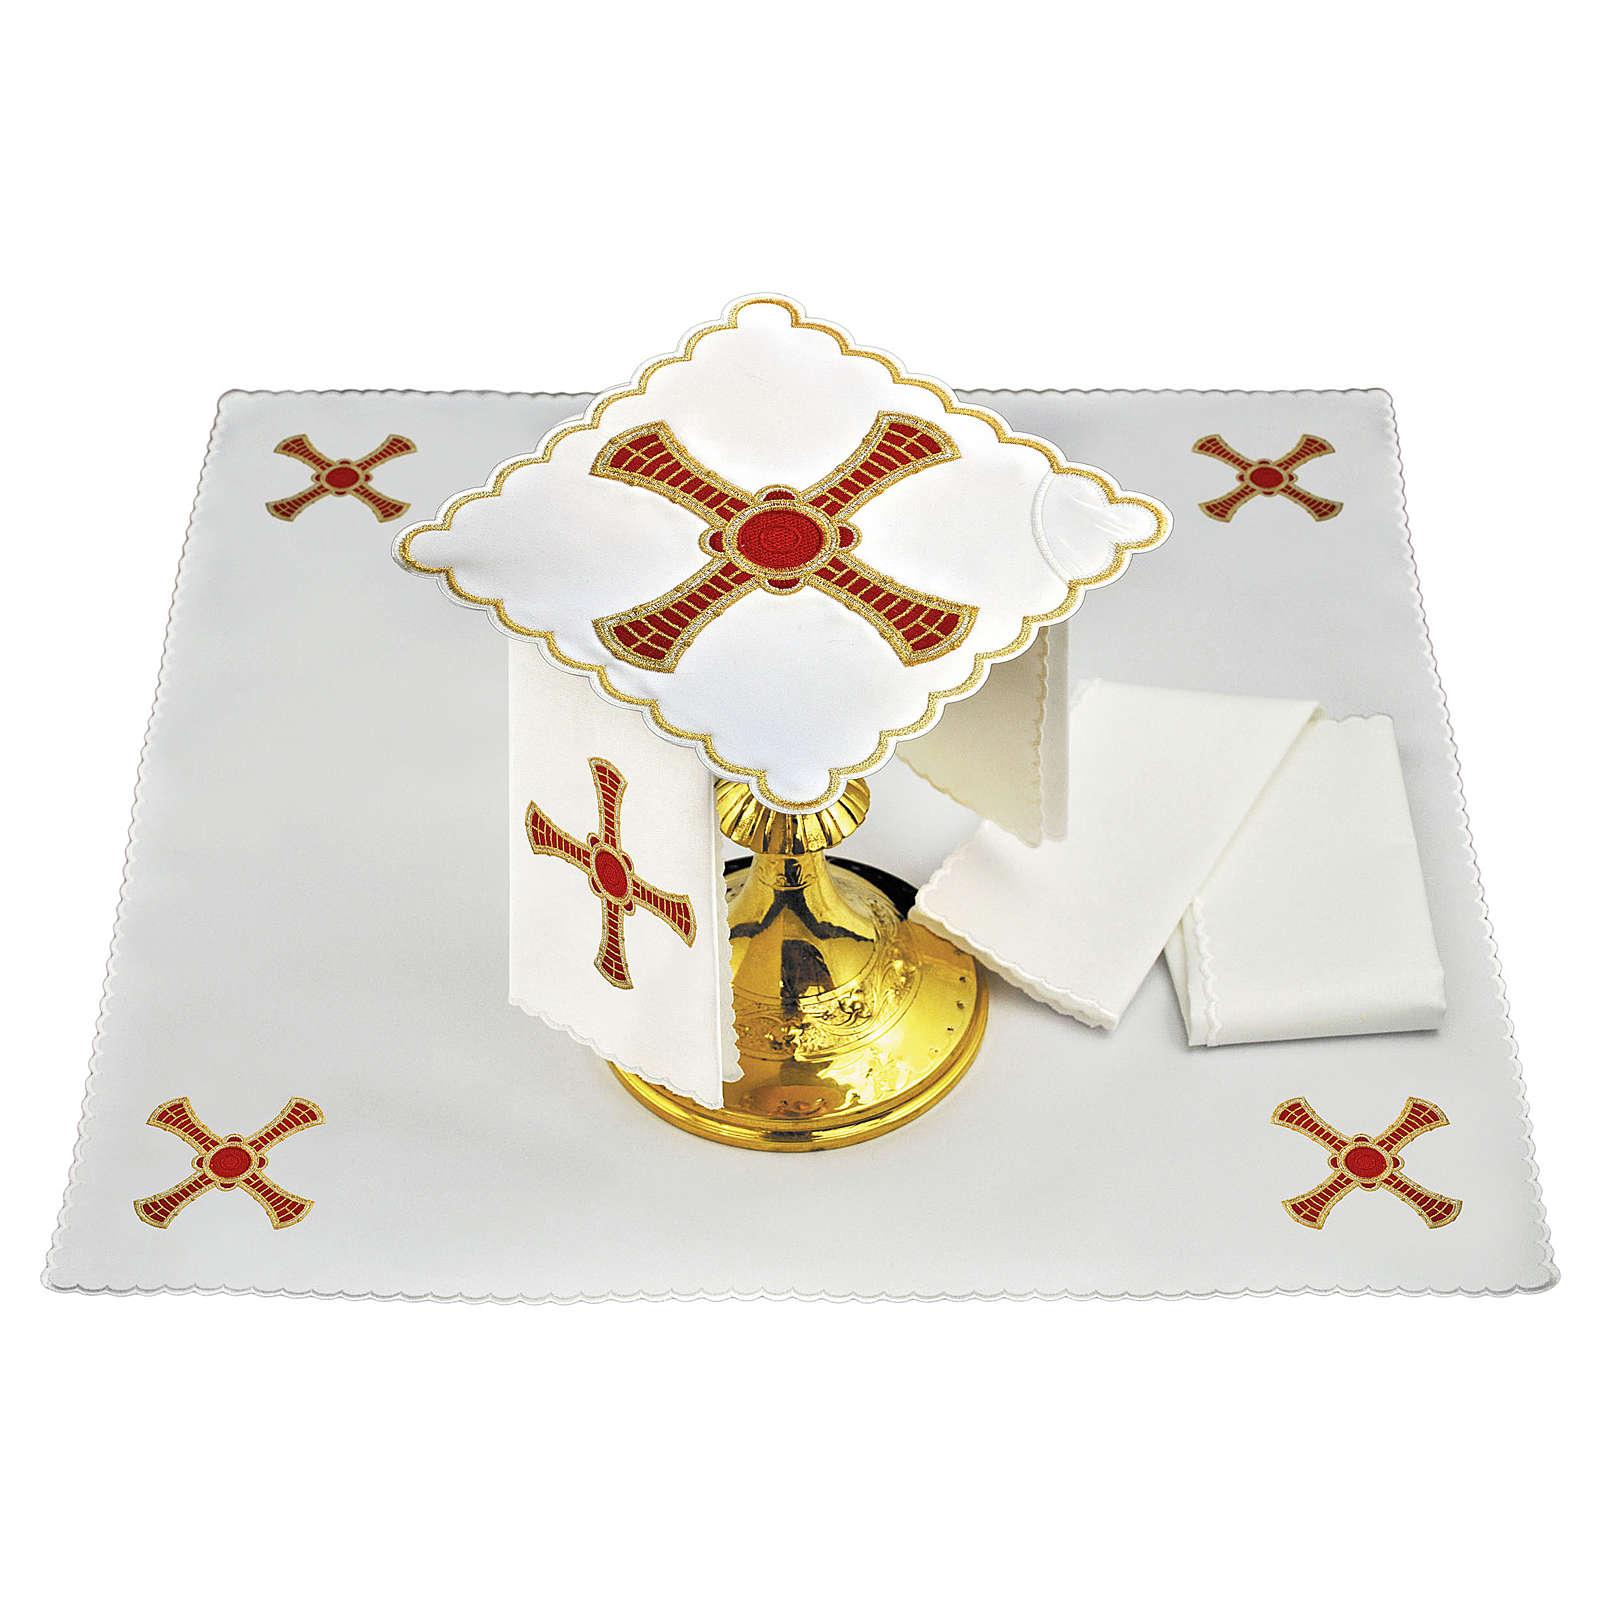 Conjunto alfaias linho cruz vermelha ouro com trigo 4